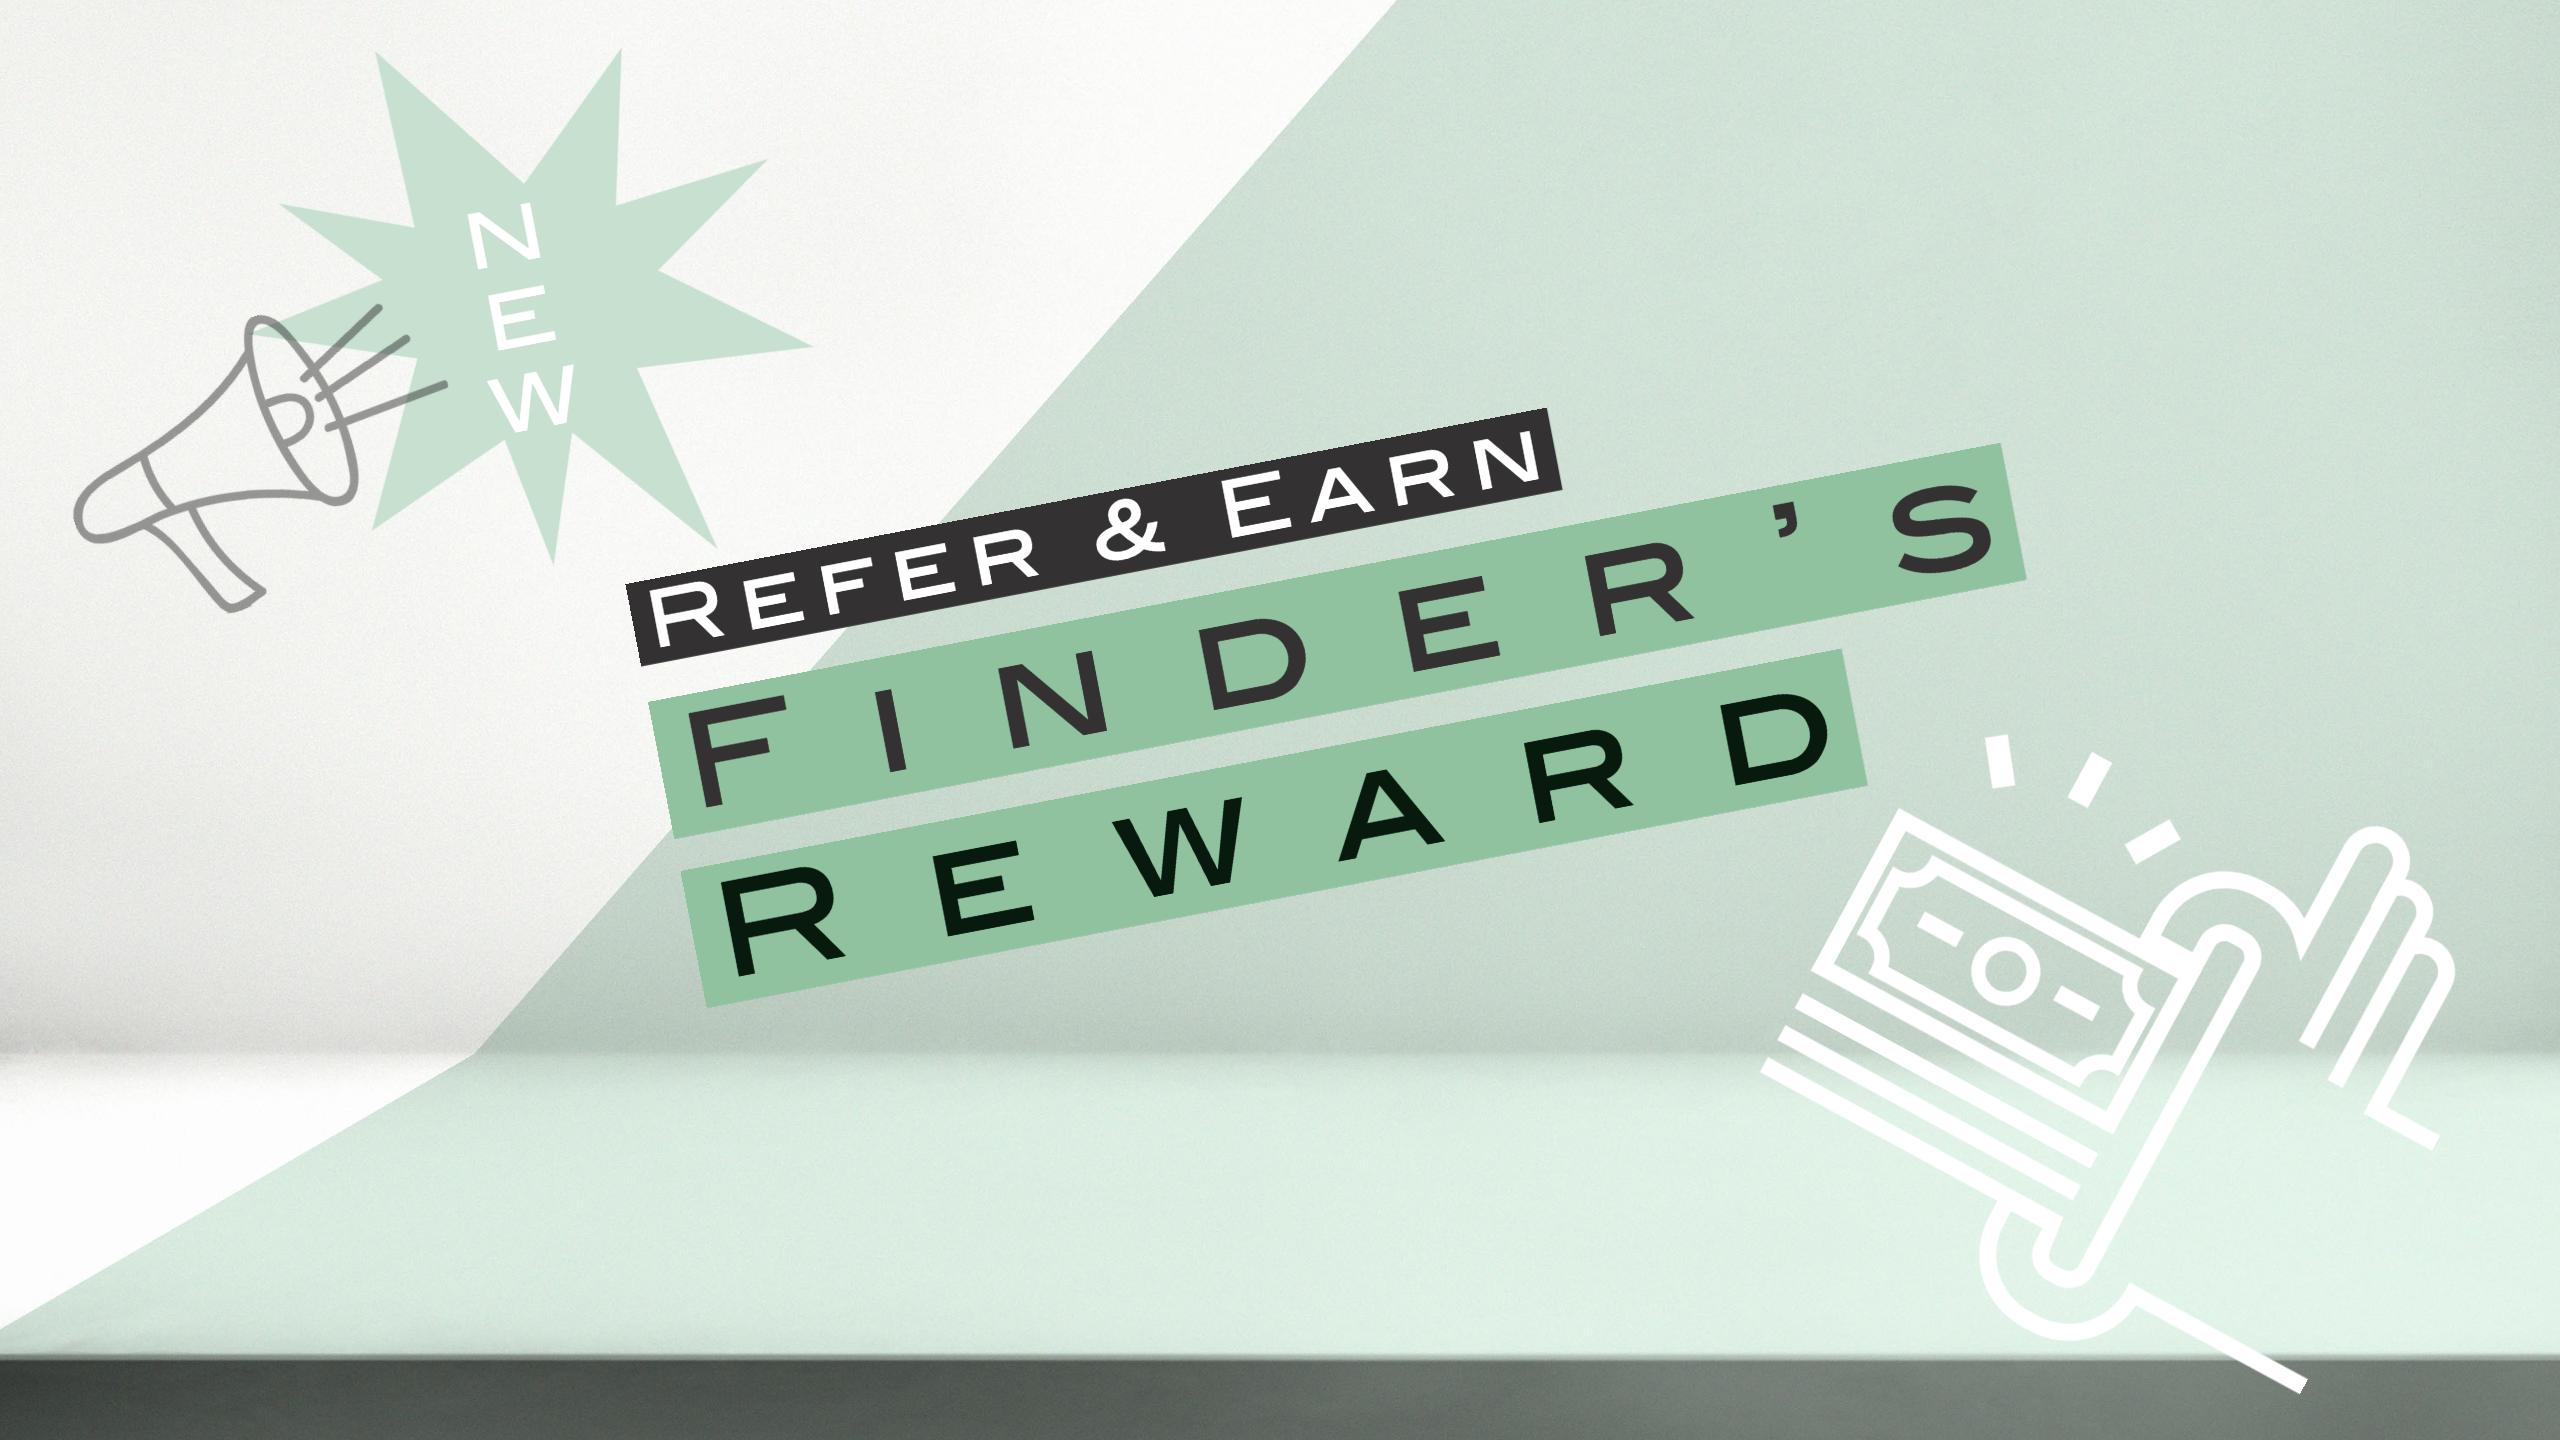 Finder's Reward